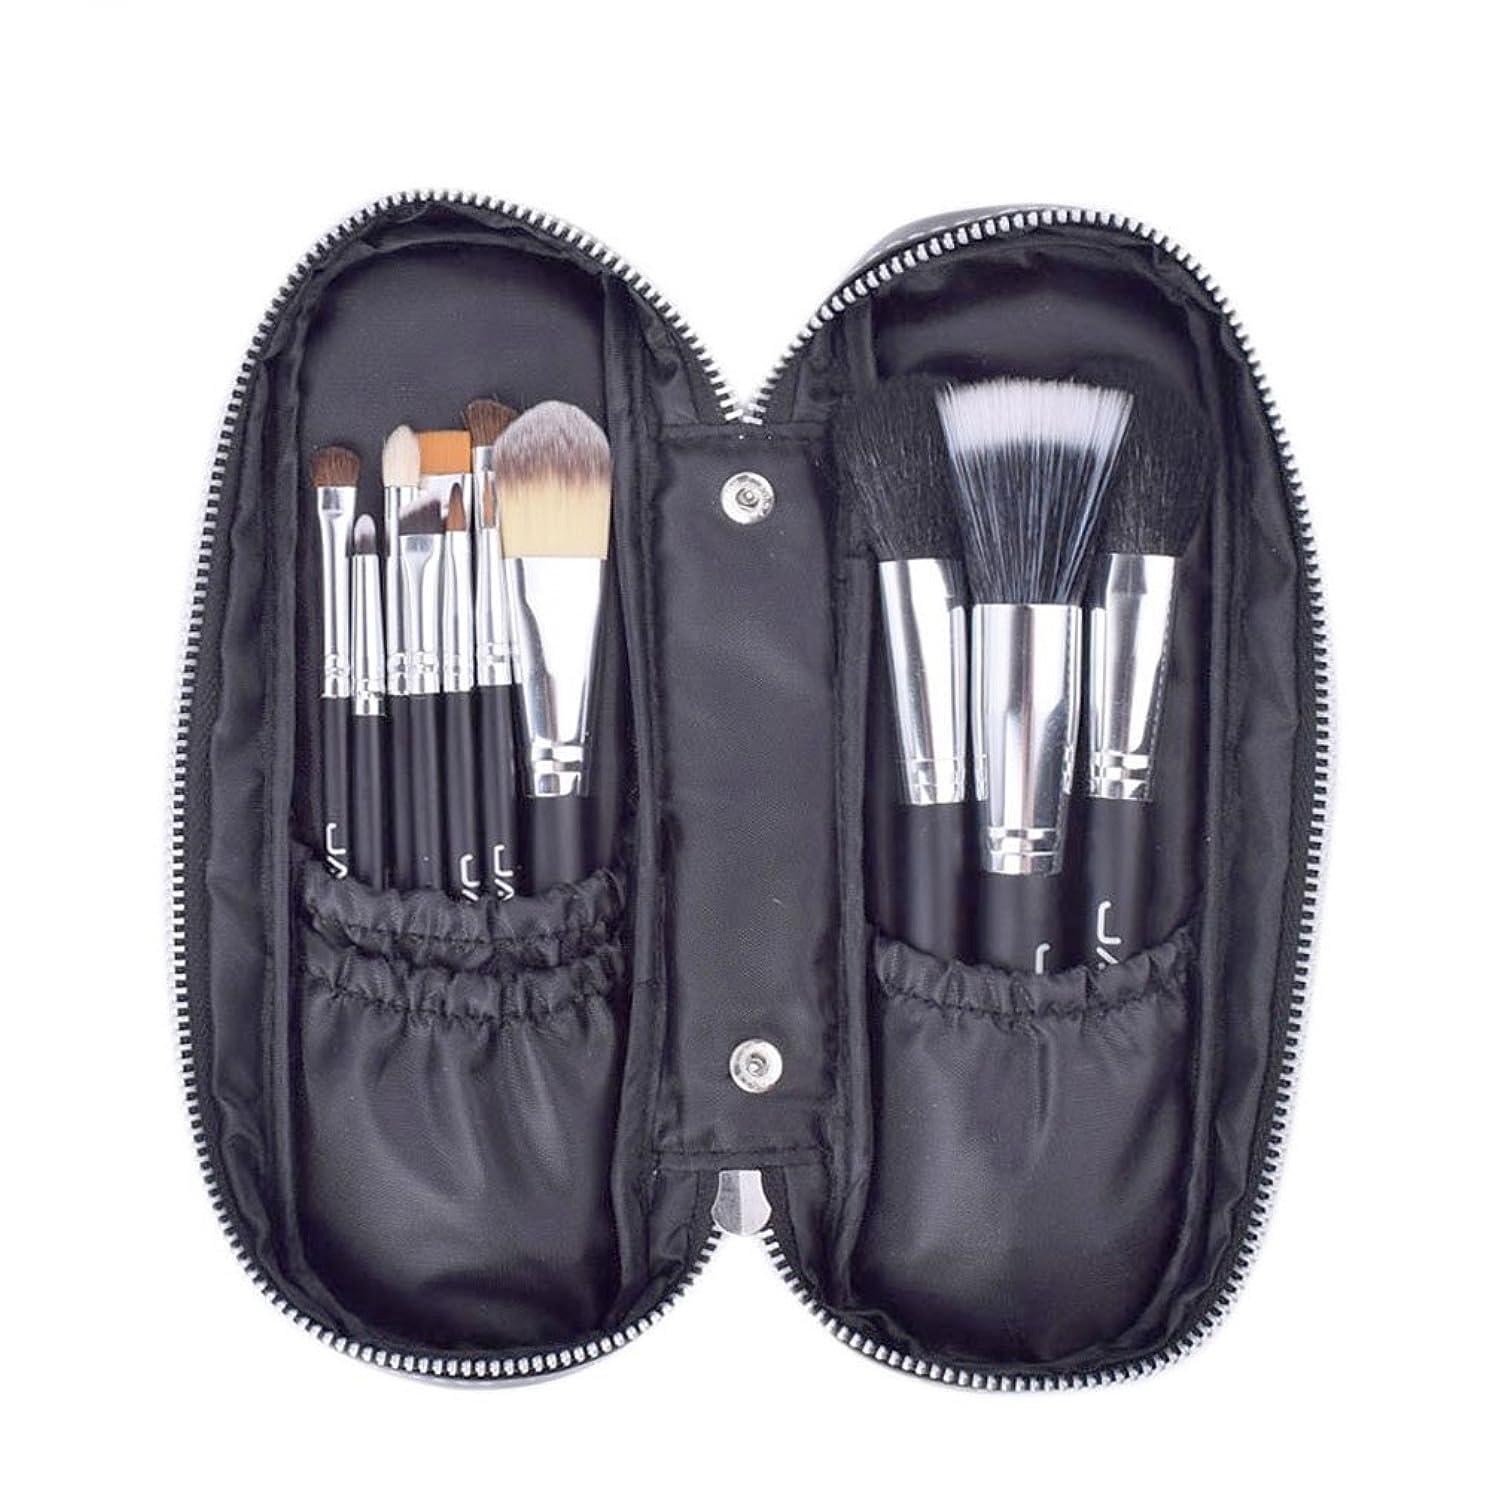 偶然限定プレゼンメイクブラシ 12セット 化粧筆 高級タクロン レザーケース付き ブラシセット プロ 美容 メイクアップブラシ&ツール